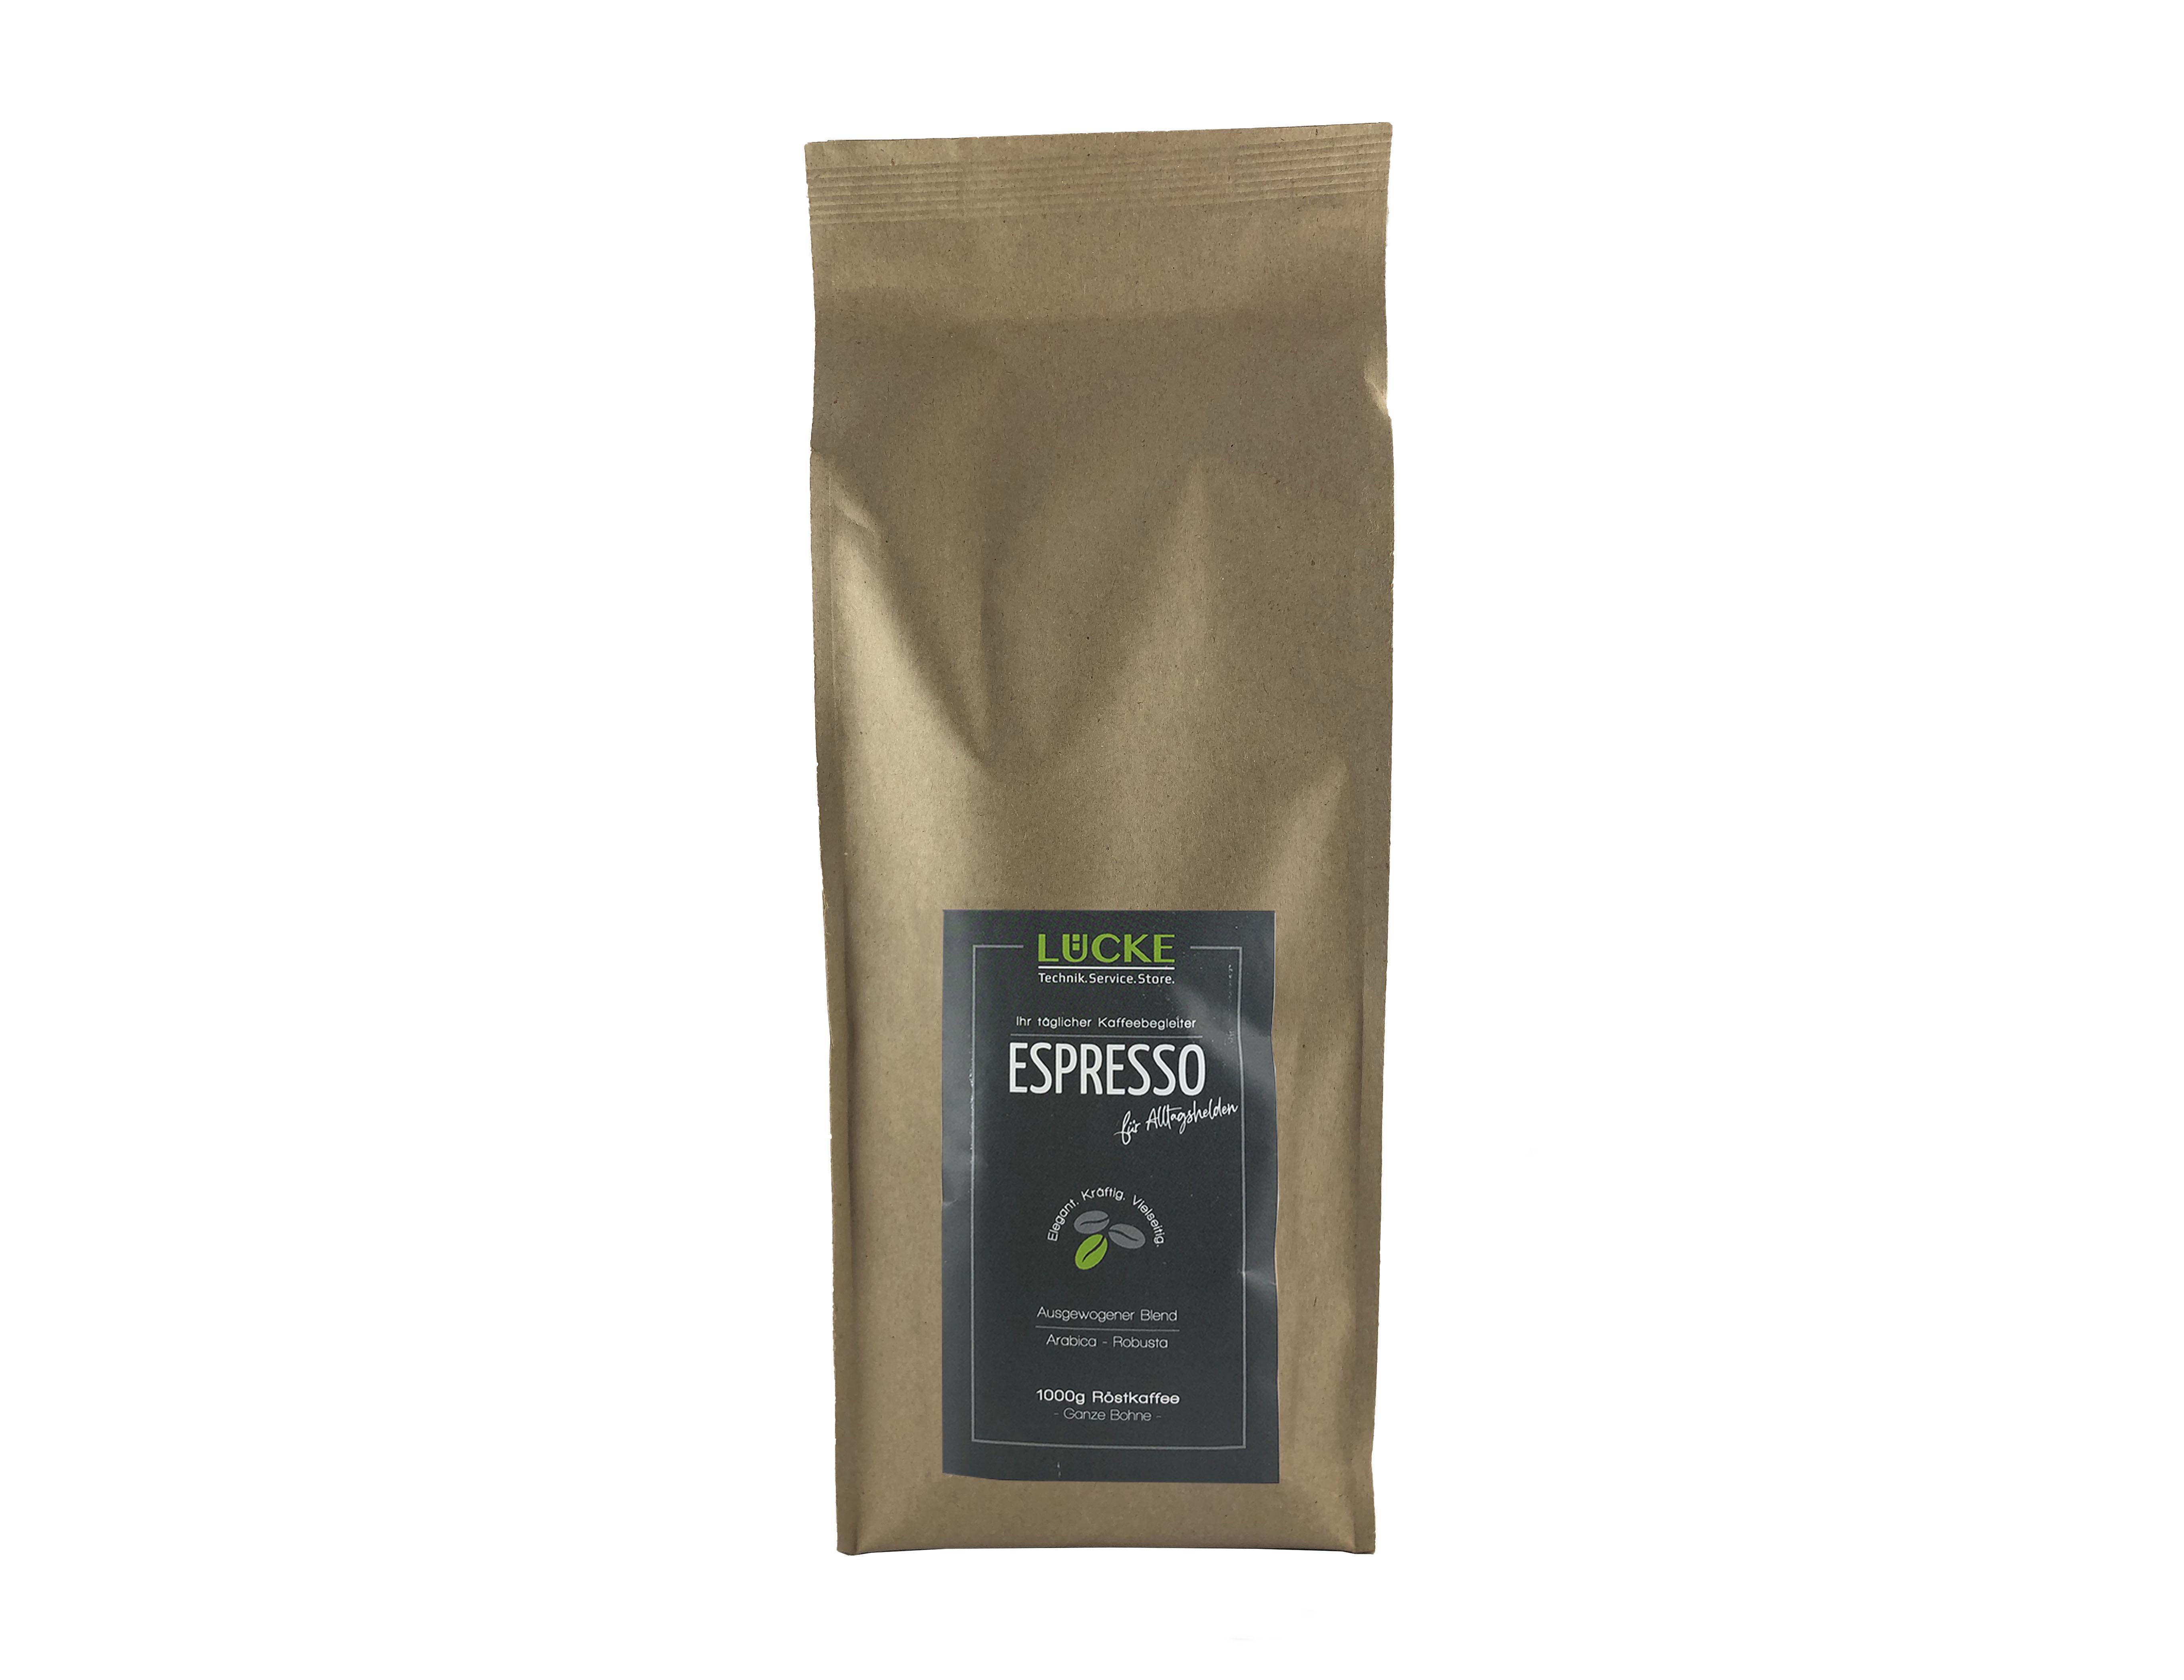 Lücke-Technik 1000g - Espresso für Alltagshelden